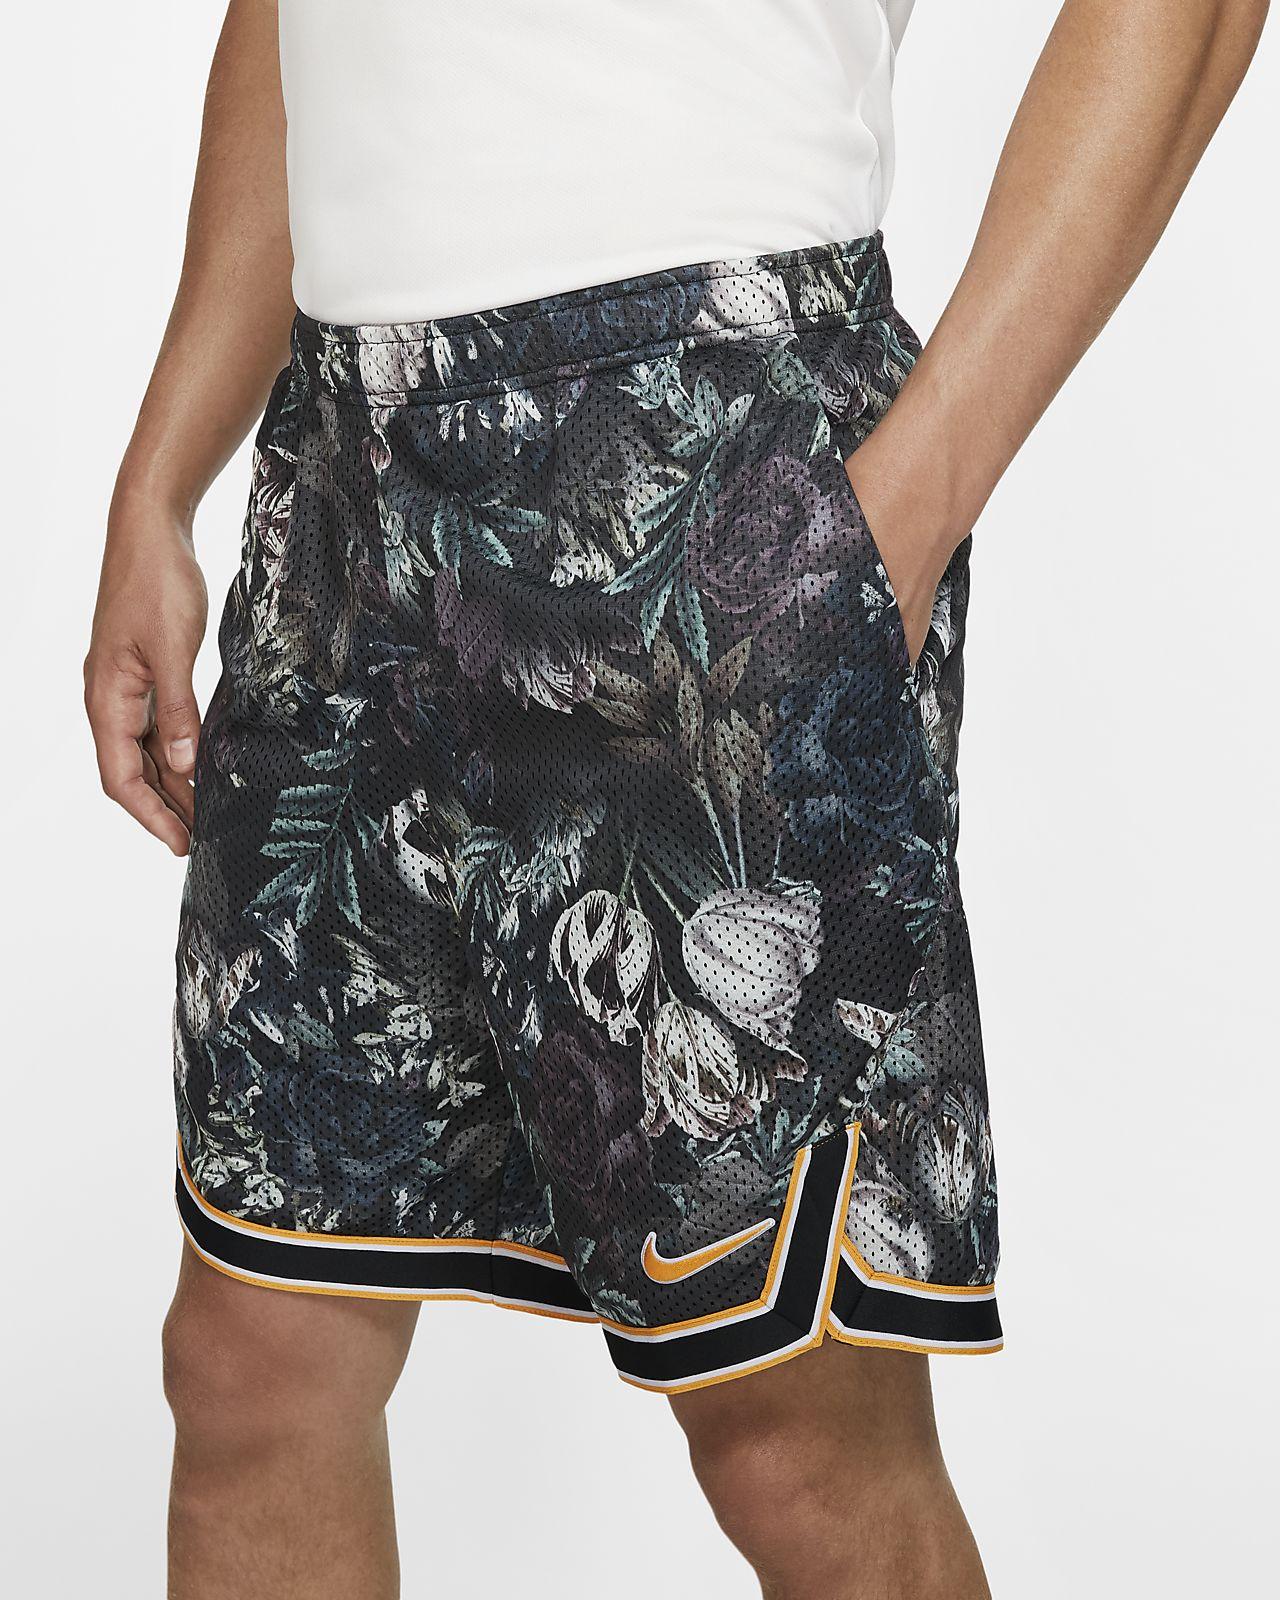 กางเกงเทนนิสขาสั้น 9 นิ้วผู้ชายพิมพ์ลาย NikeCourt Flex Ace